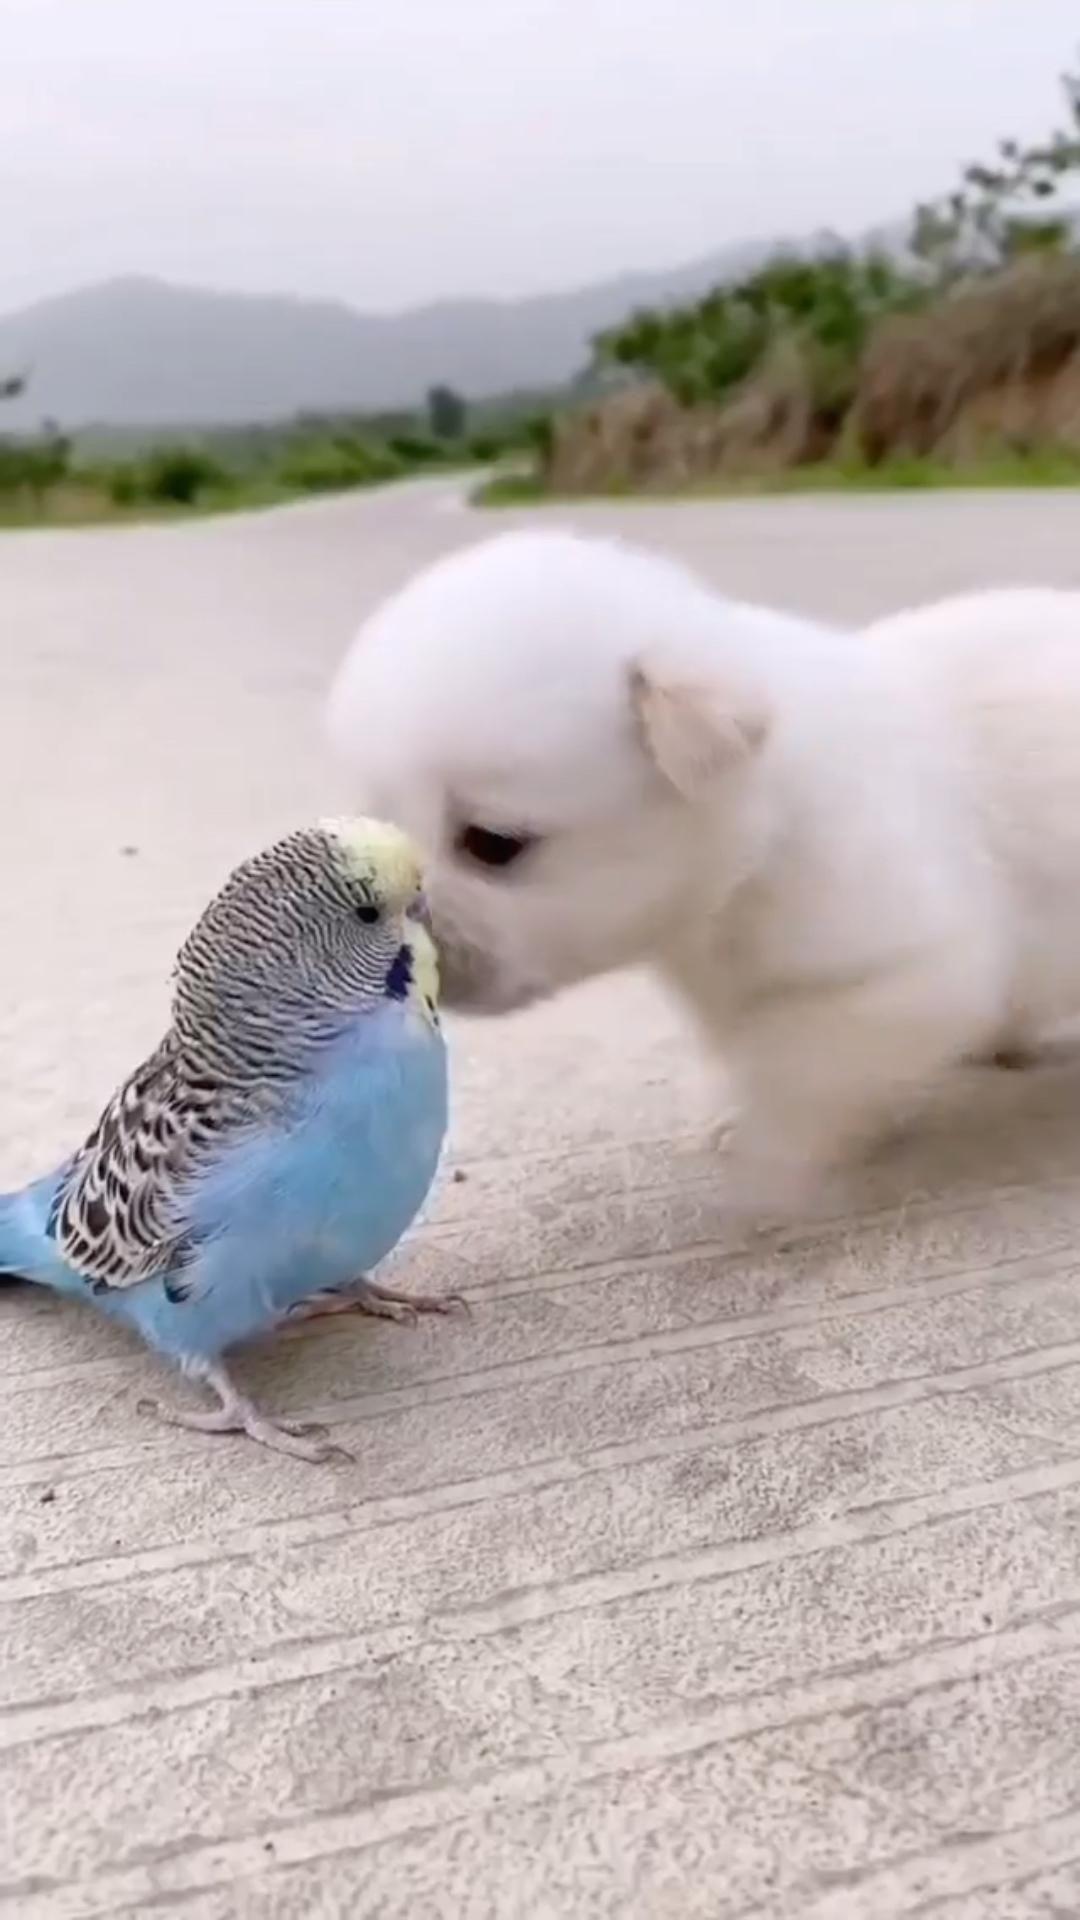 MOMENTO FOFURA 😍😍😍😍 #FRIENDS #DOG #BIRD #pinterest